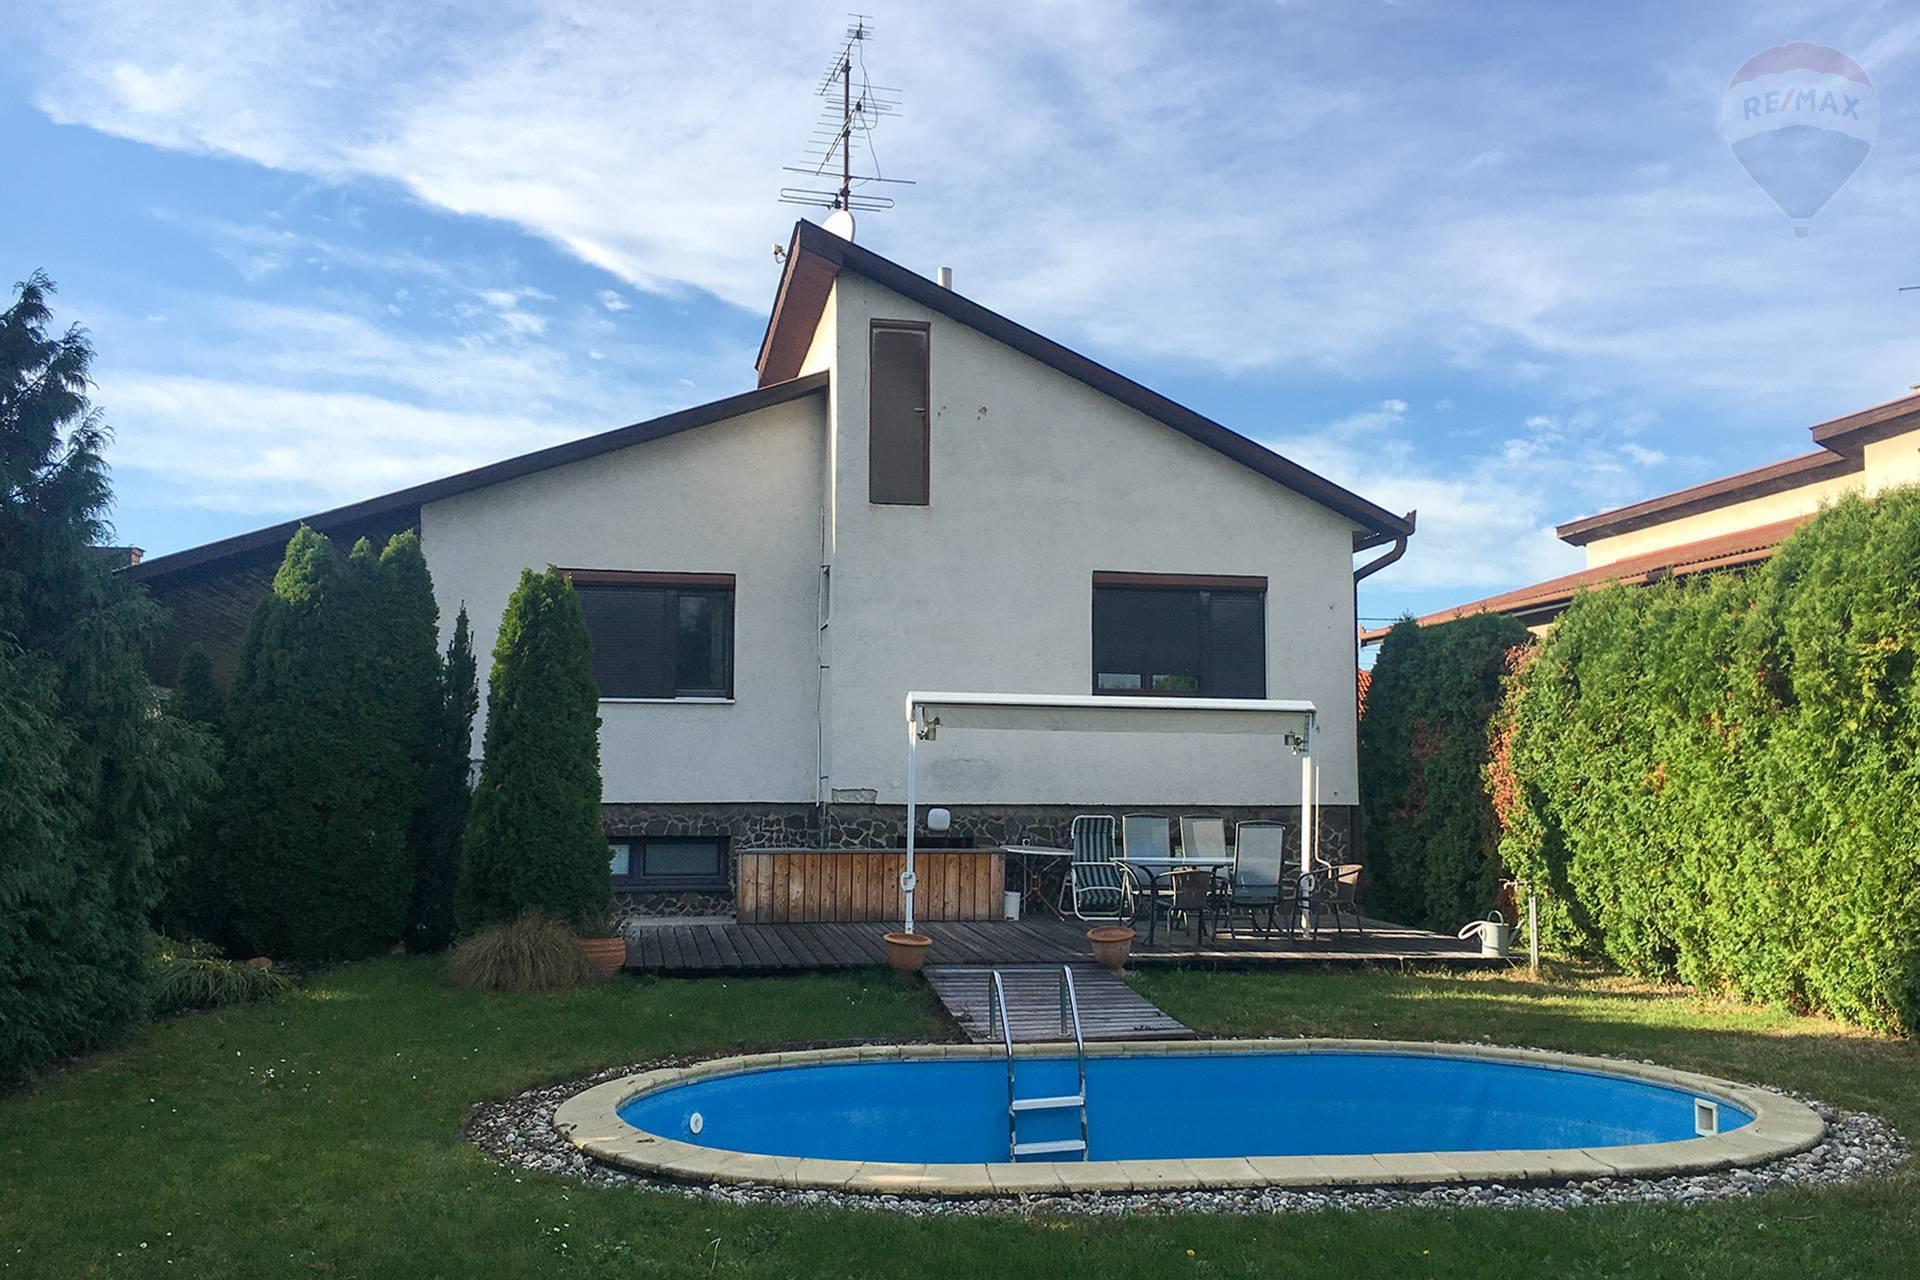 Predaj: 6-izbový rodinný dom, rozsiahla rekonštrukcia, Horná Potôň, okres Dunajská Streda